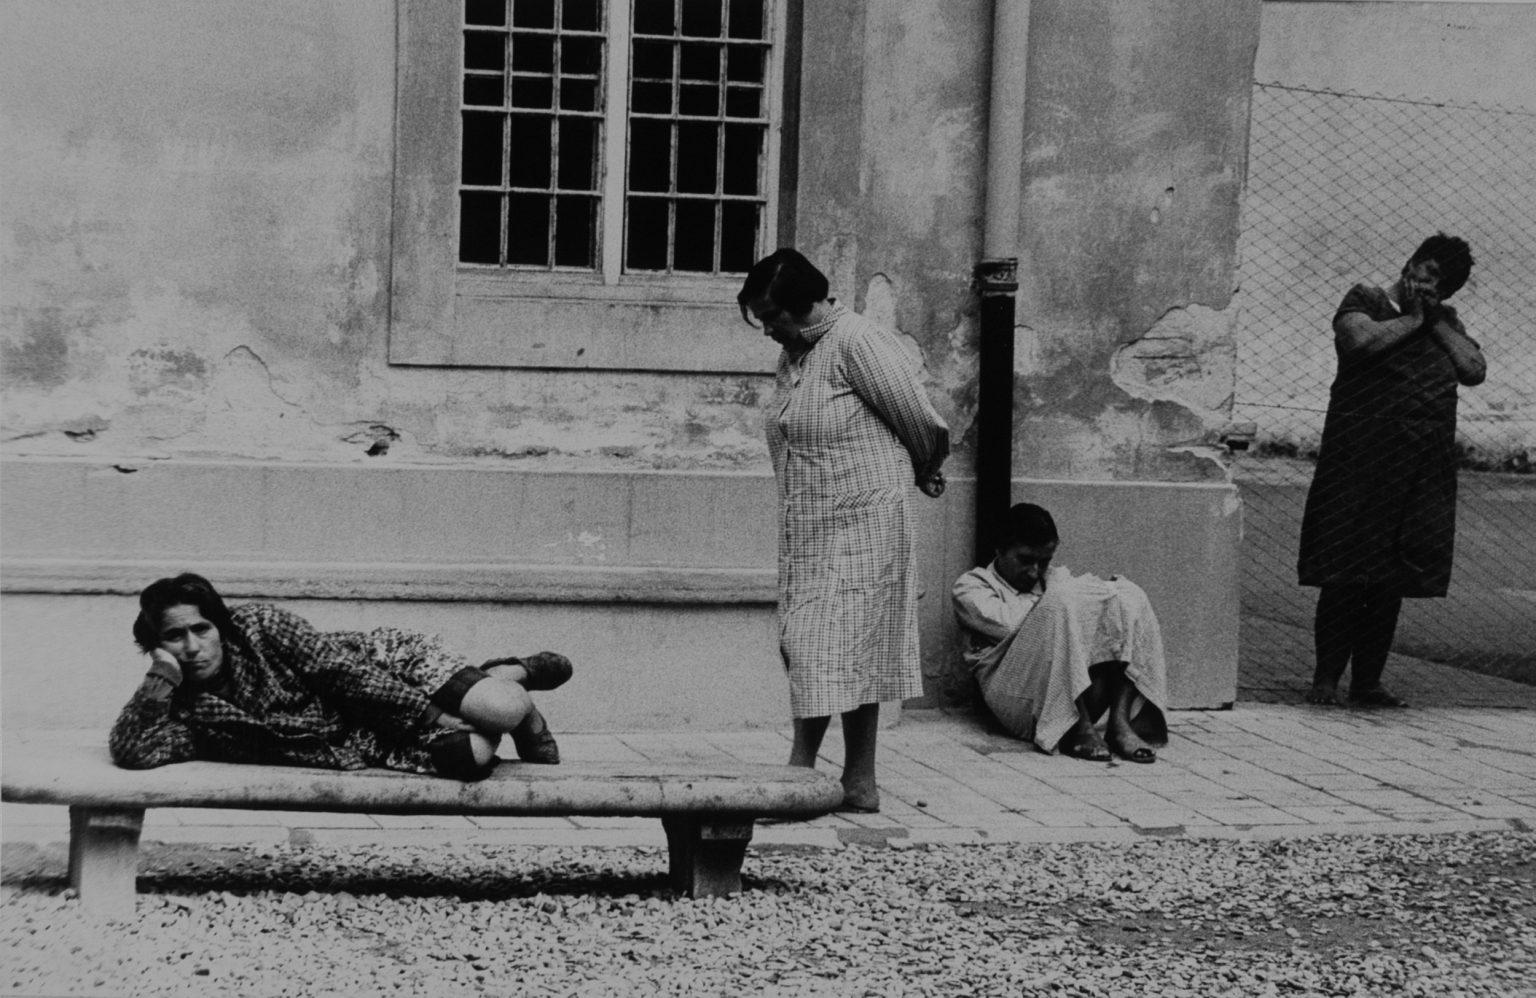 ISTITUTI PSICHIATRICI PARMA 1968